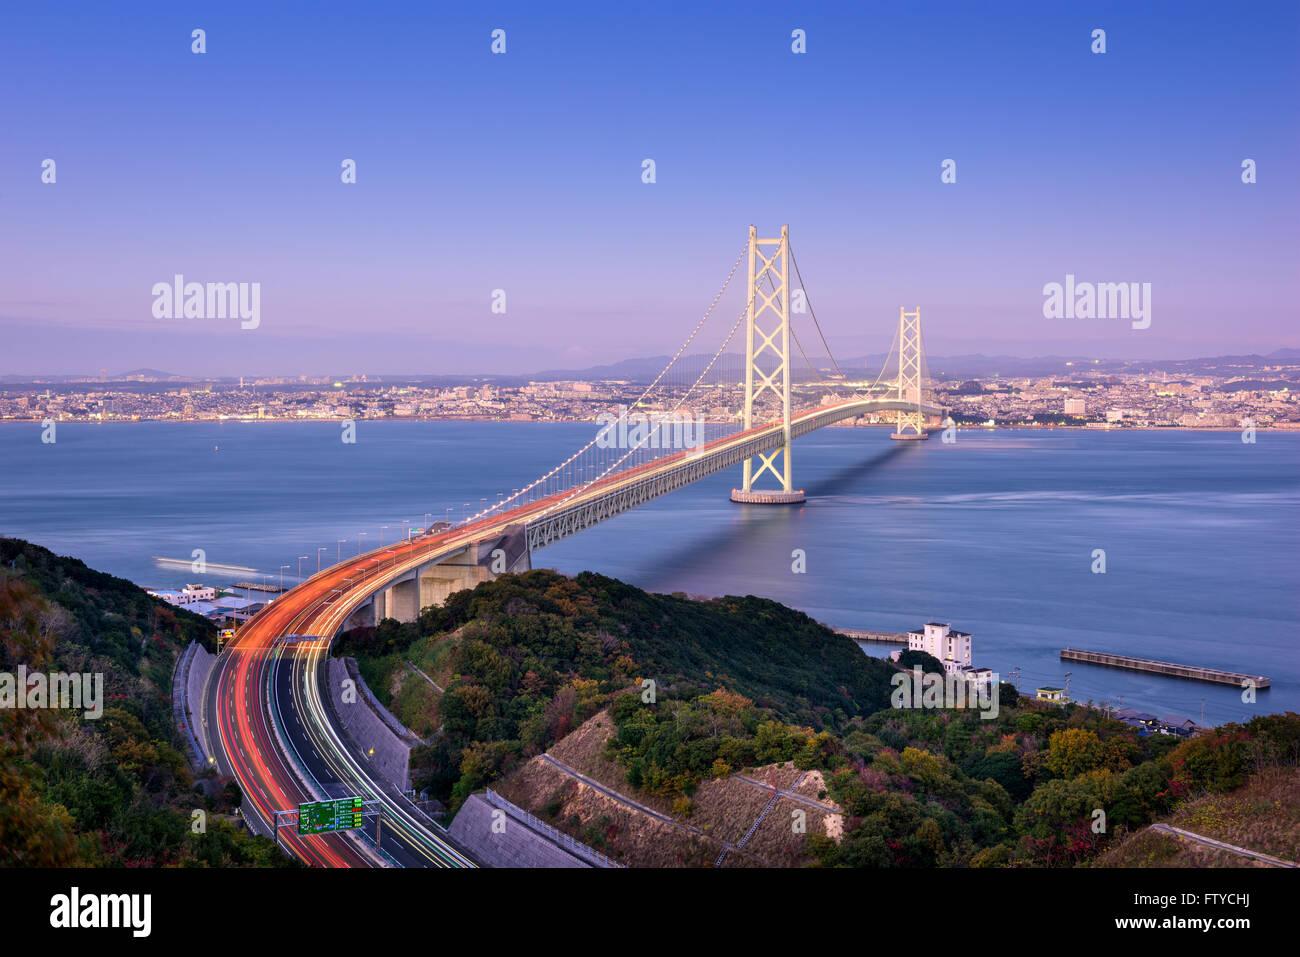 Akashi Kaikyo bridge spanning di Seto Inland Sea da Kobe, Giappone. Foto Stock